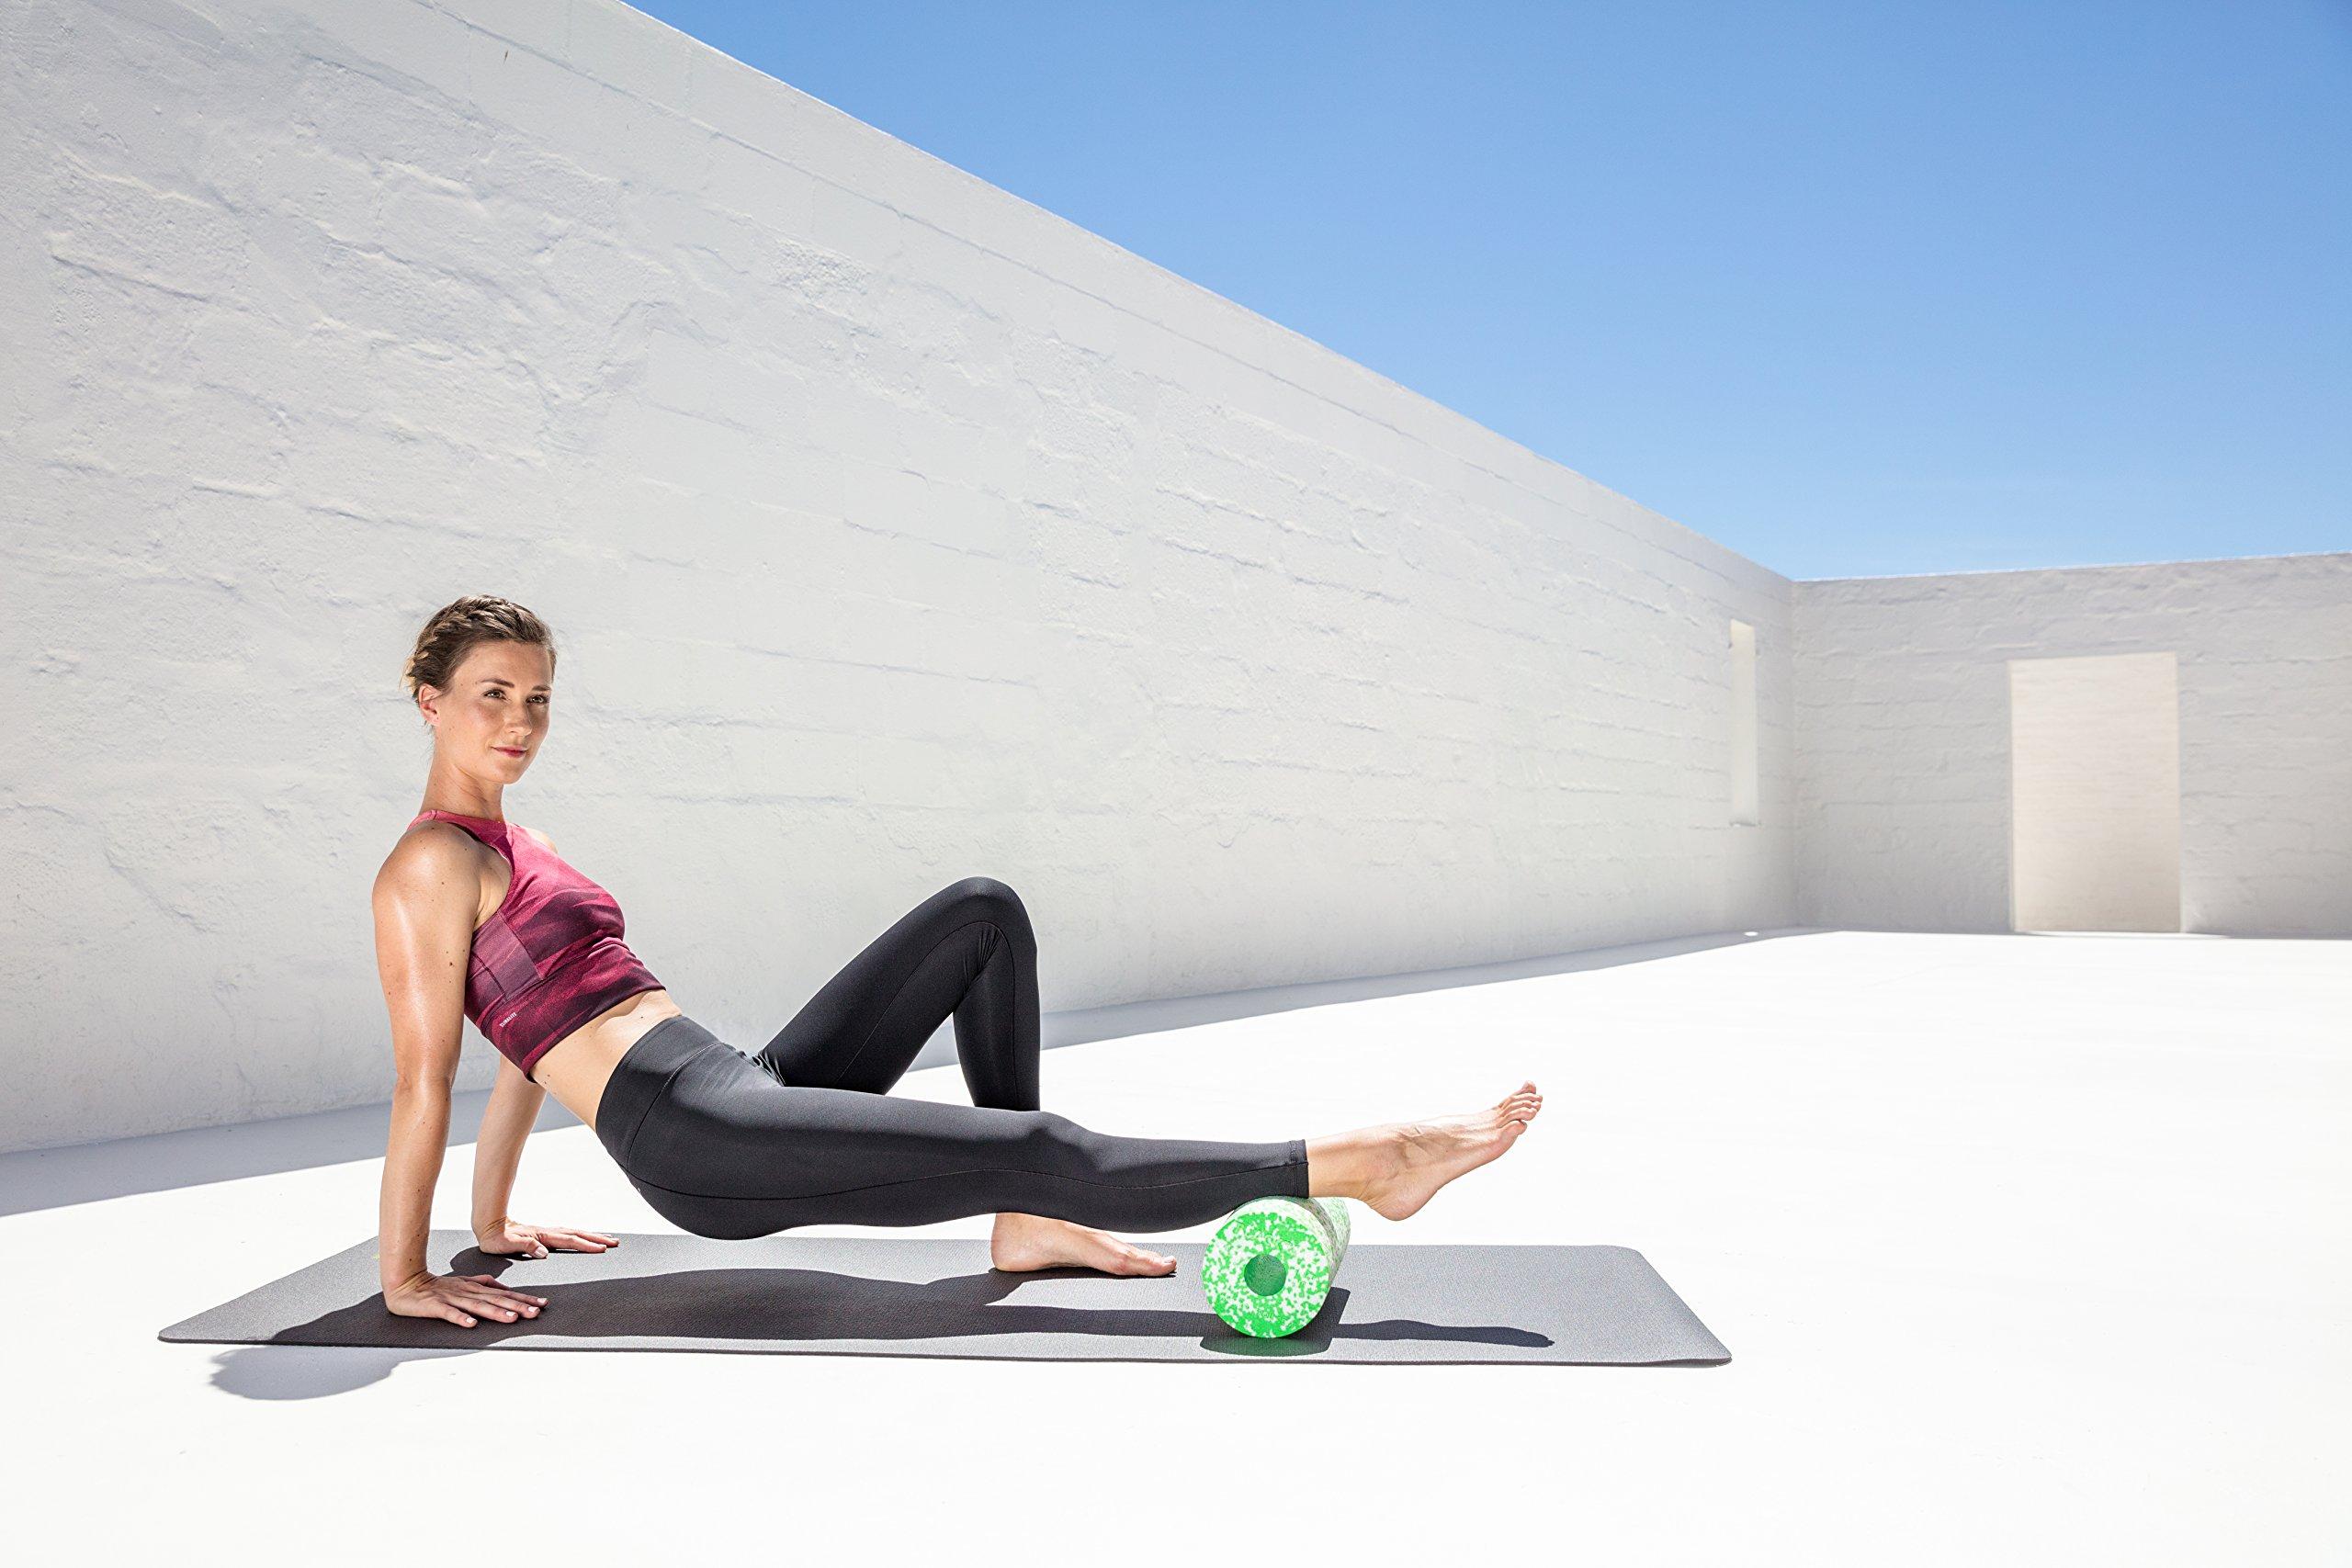 BLACKROLL MED Faszienrolle – die weiche Massagerolle für dein Faszientraining. Soft Selbstmassage-Rolle in 2 Farben…